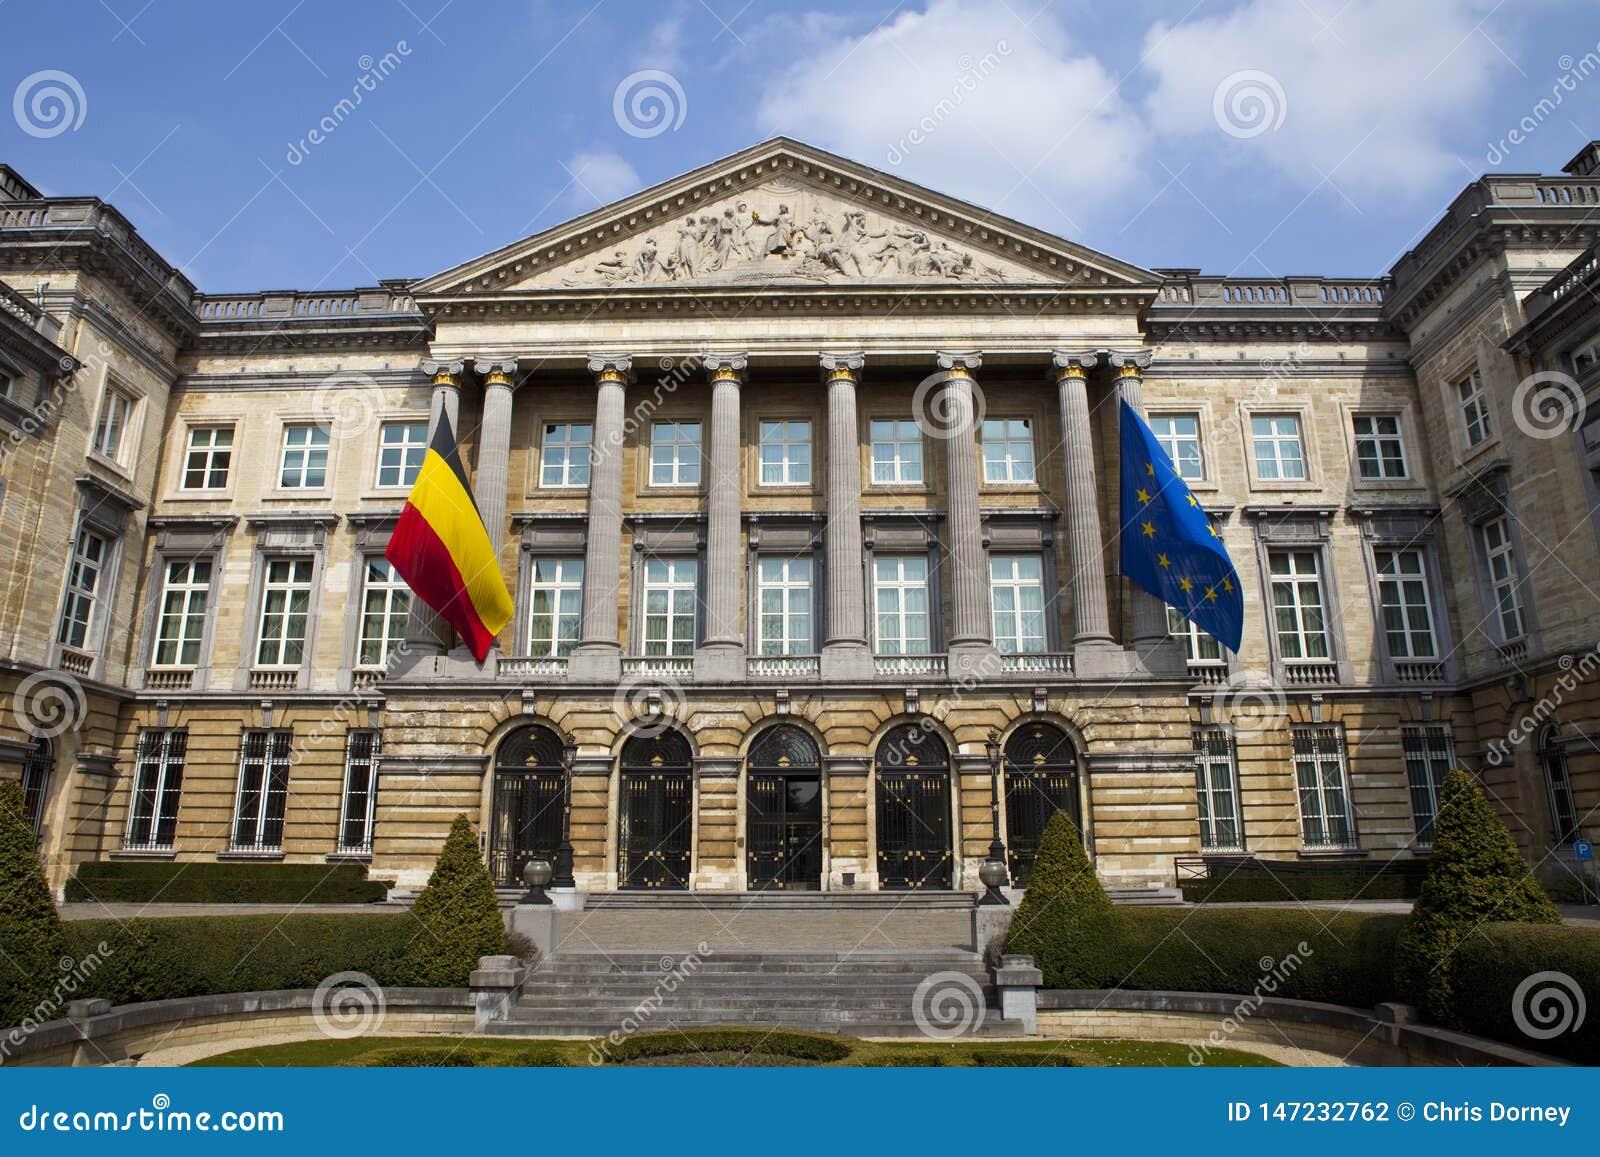 Bruxelles Belgique rencontres ma copine sort avec quelqu'un d'autre